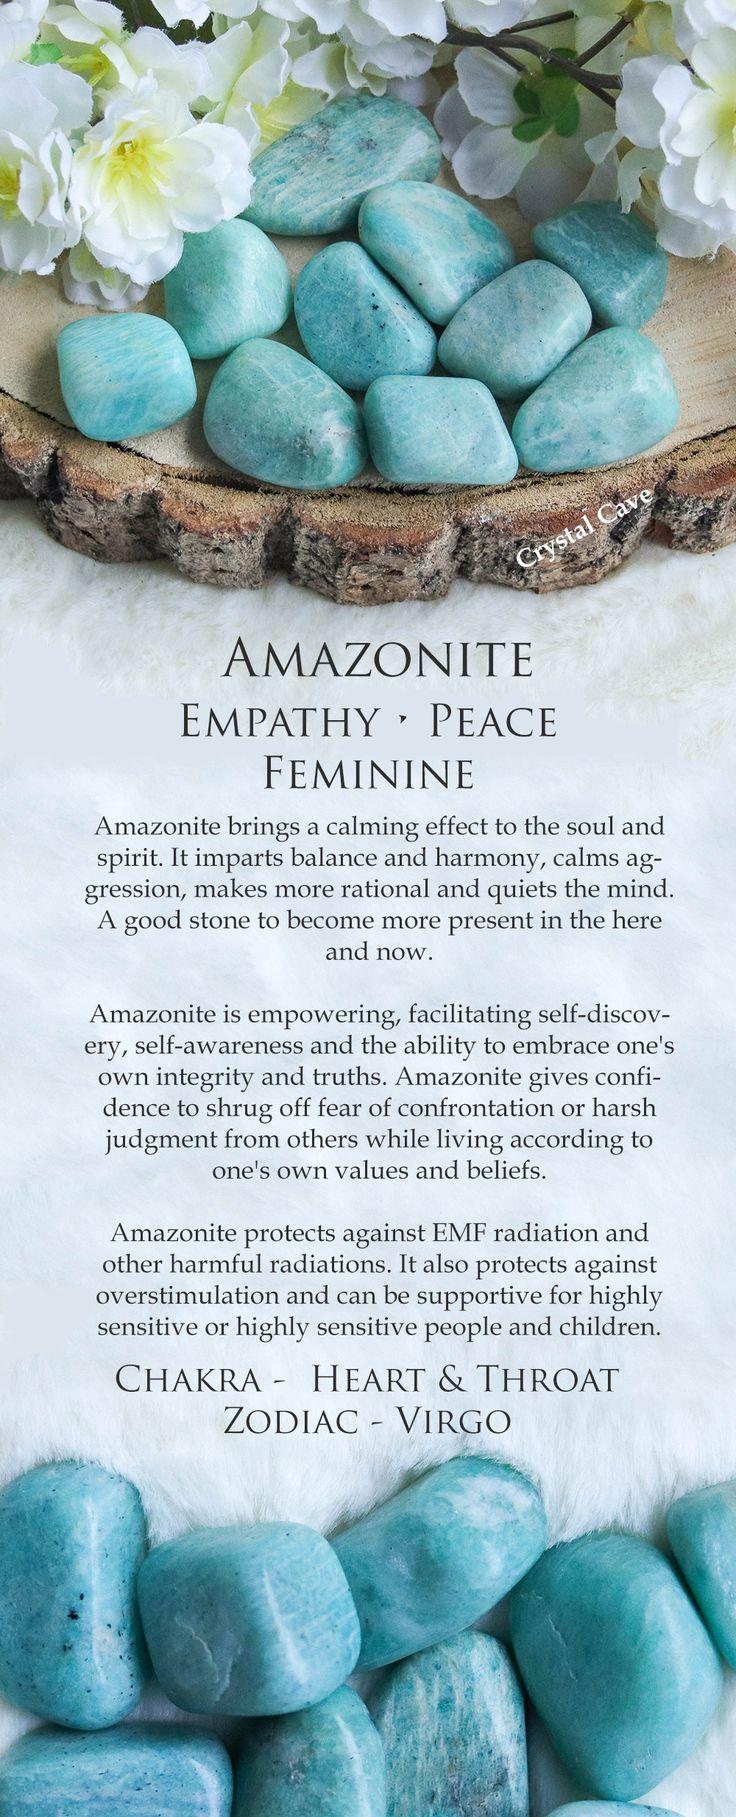 Amazonite crystal tumbled stone gemstone cuddle stone